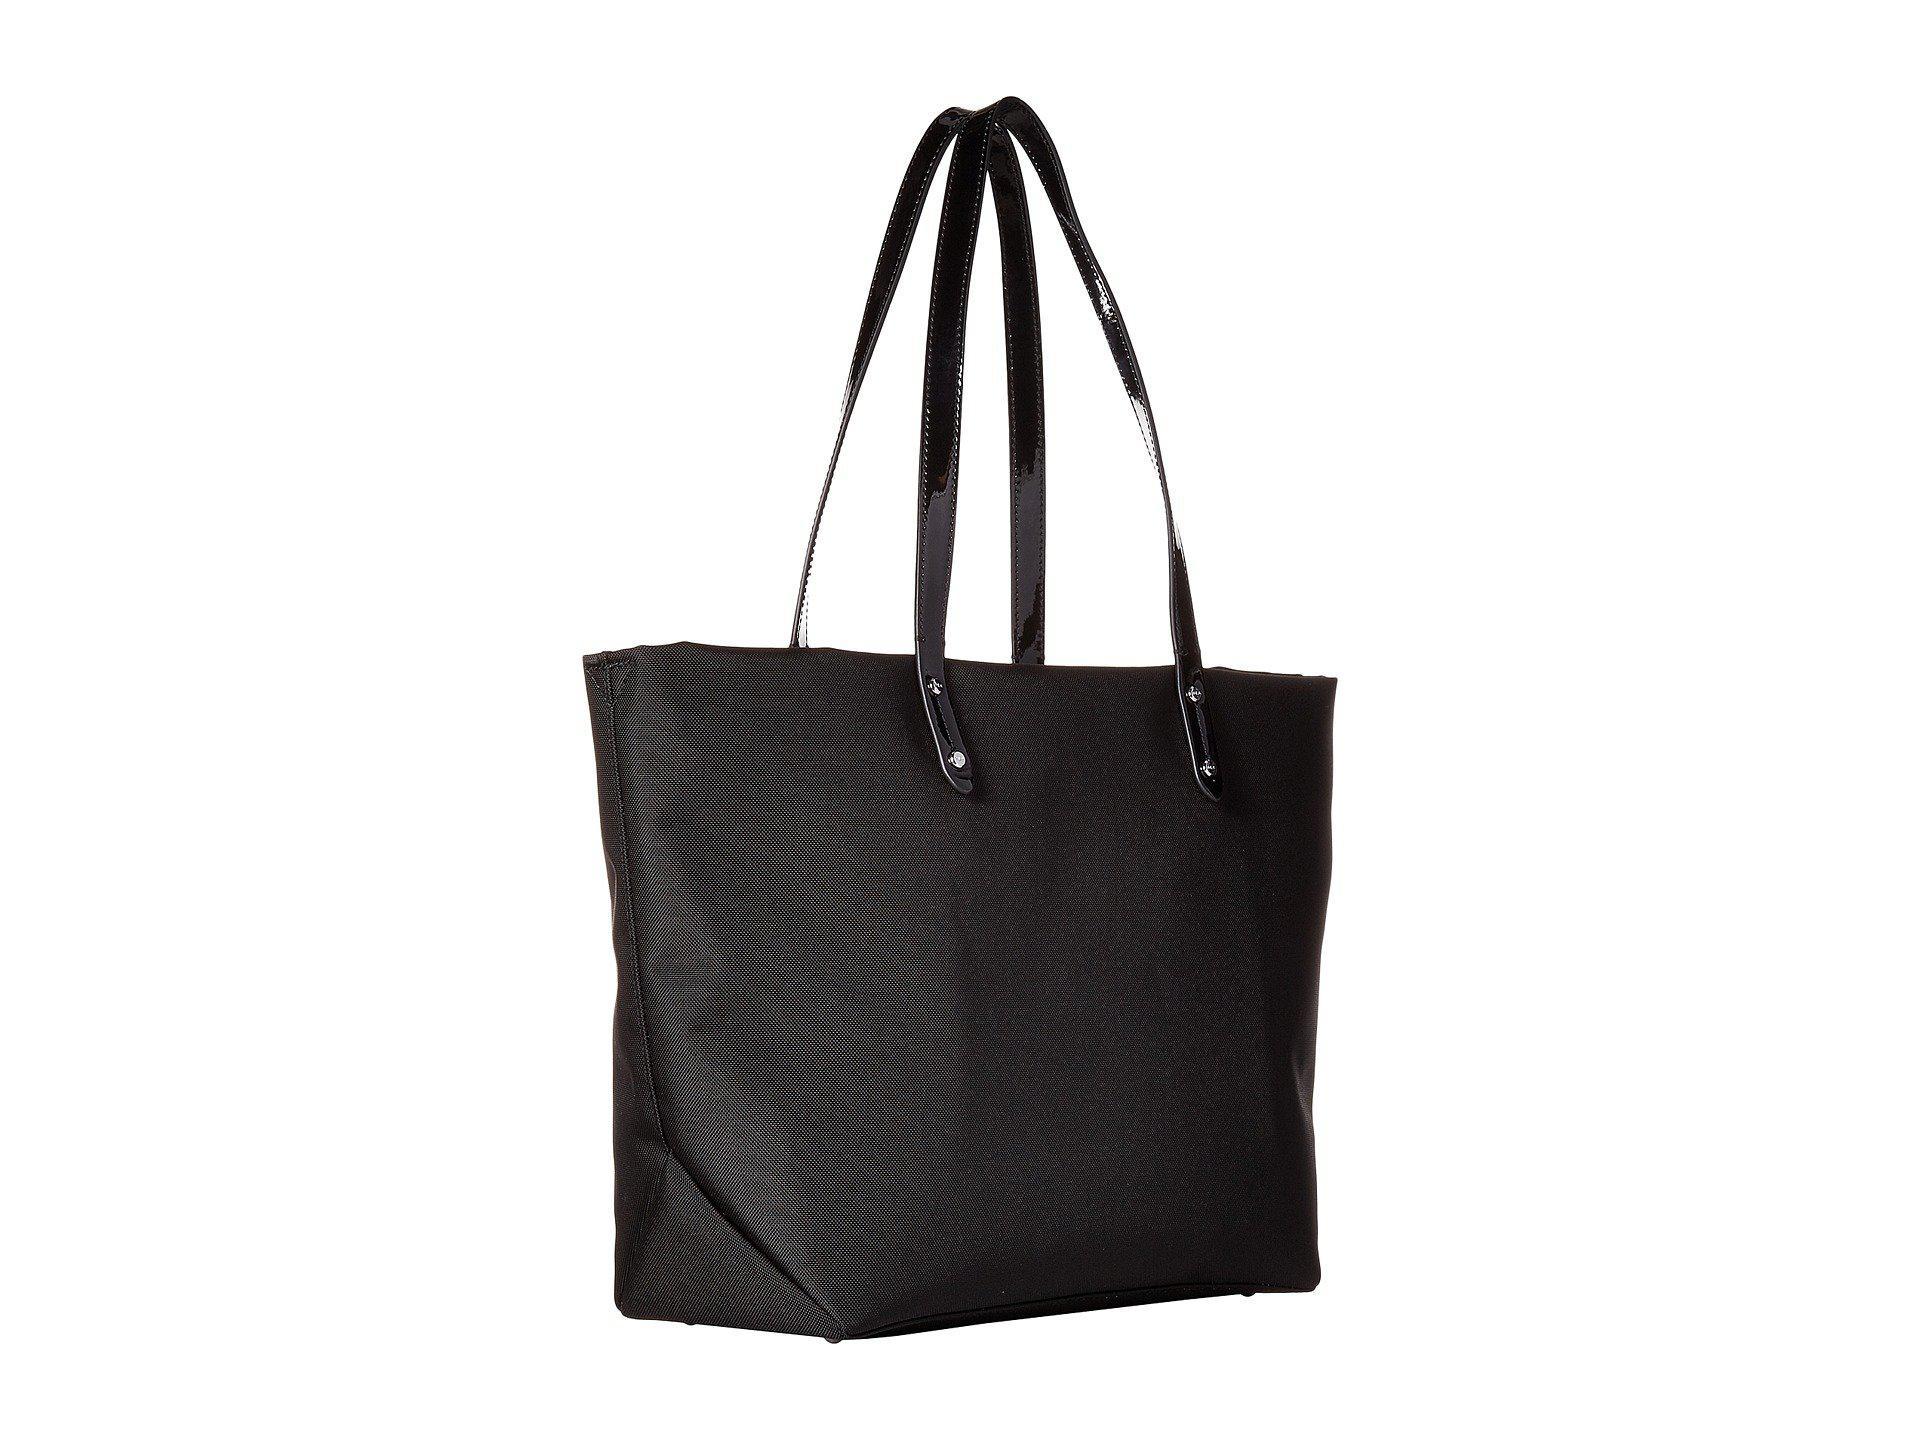 Lyst - Lauren By Ralph Lauren Bainbridge Tote Medium in Black 0fd601cf869ed